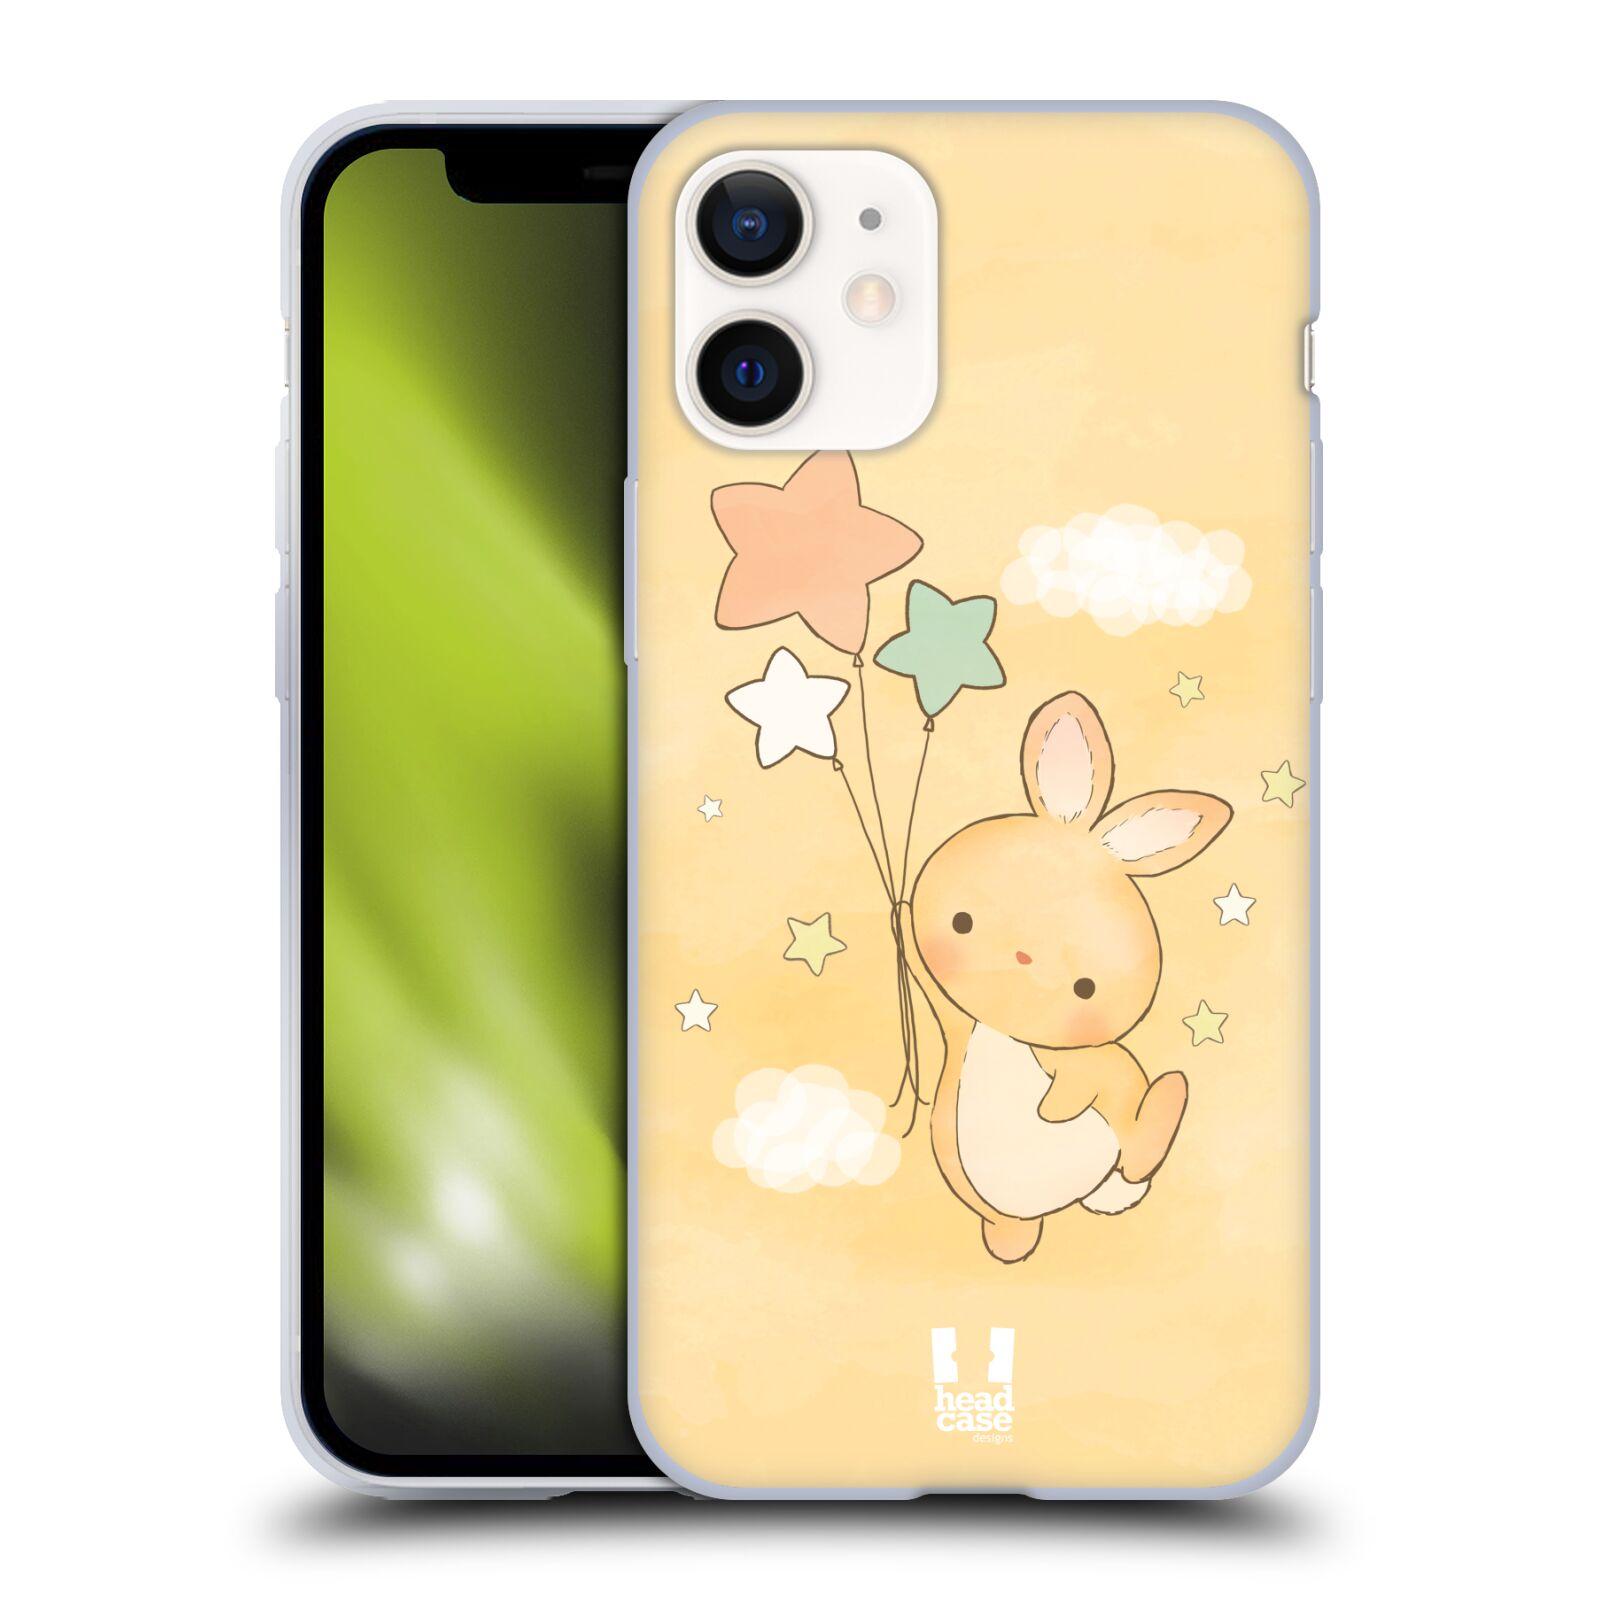 Plastový obal na mobil Apple Iphone 12 MINI vzor králíček a hvězdy žlutá